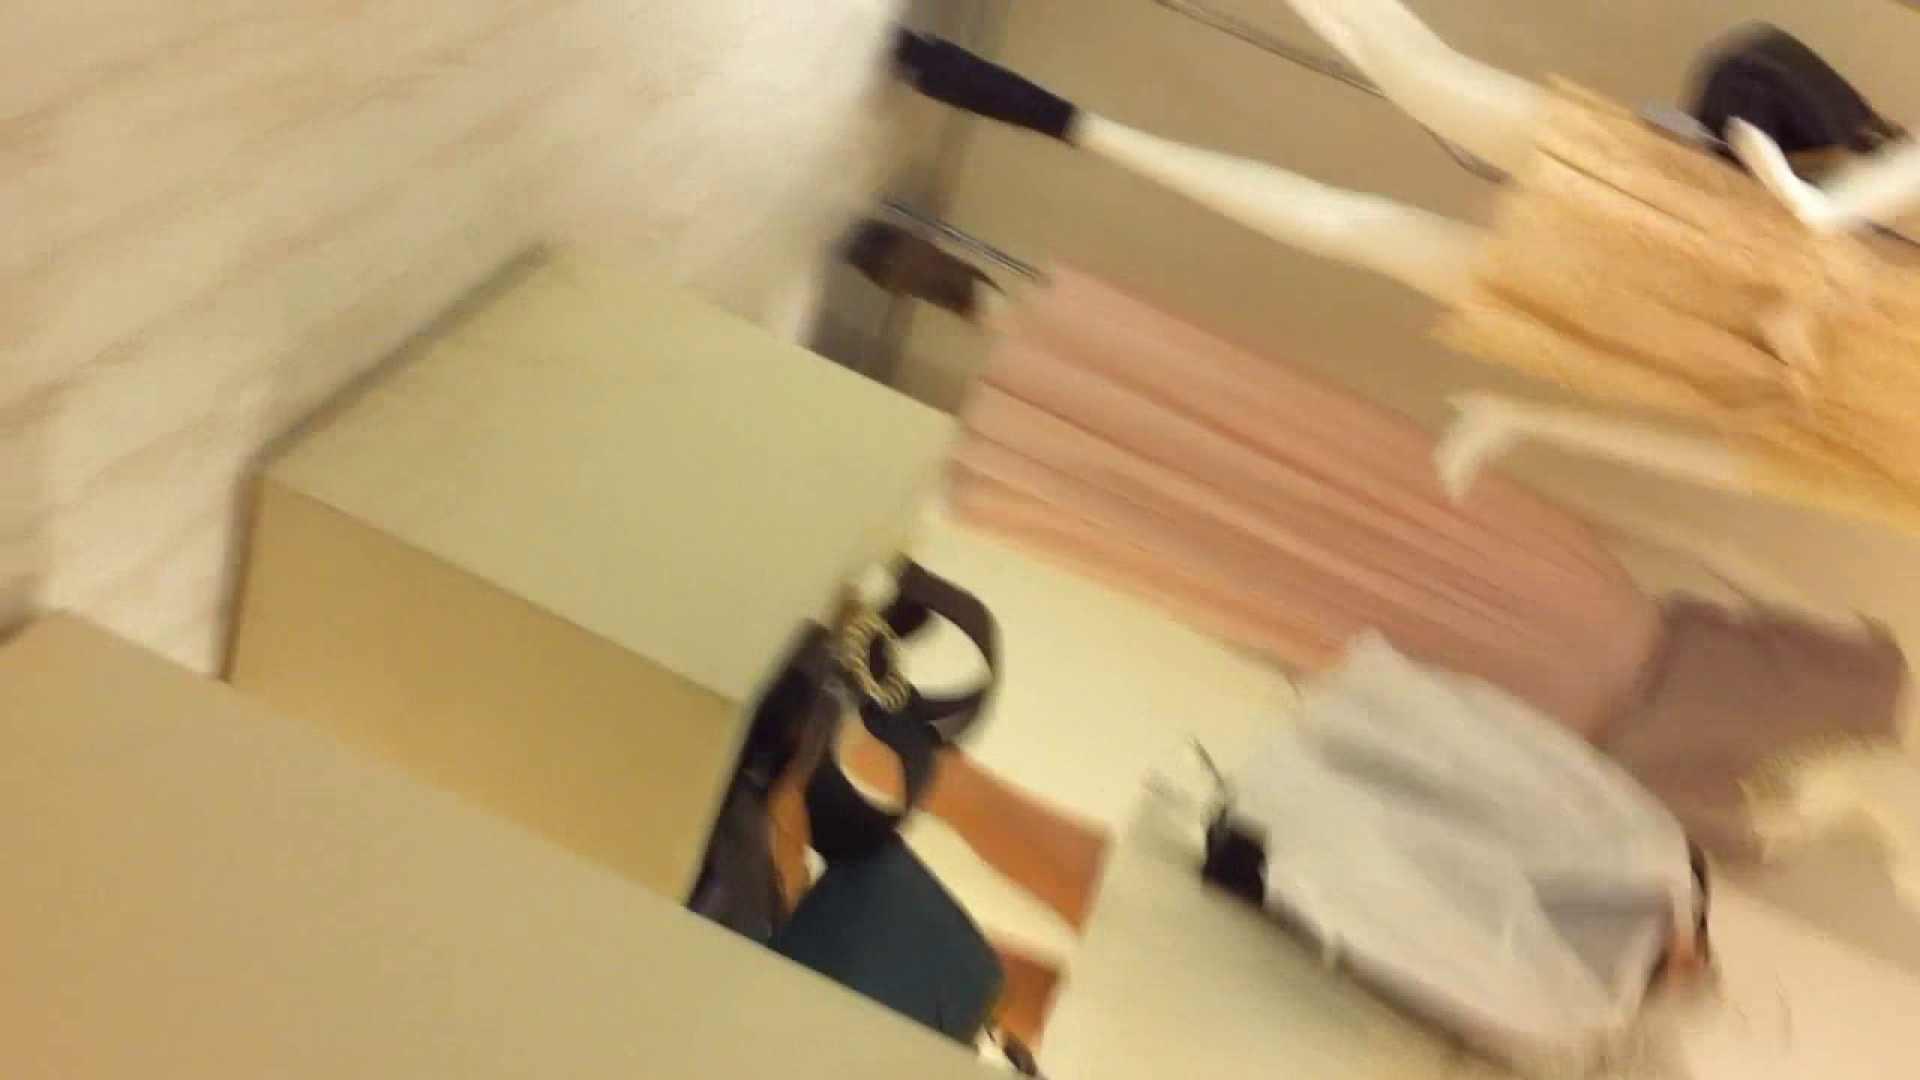 フルHD ショップ店員千人斬り! 大画面ノーカット完全版 vol.35 OLエロ画像 盗撮オマンコ無修正動画無料 74PICs 37